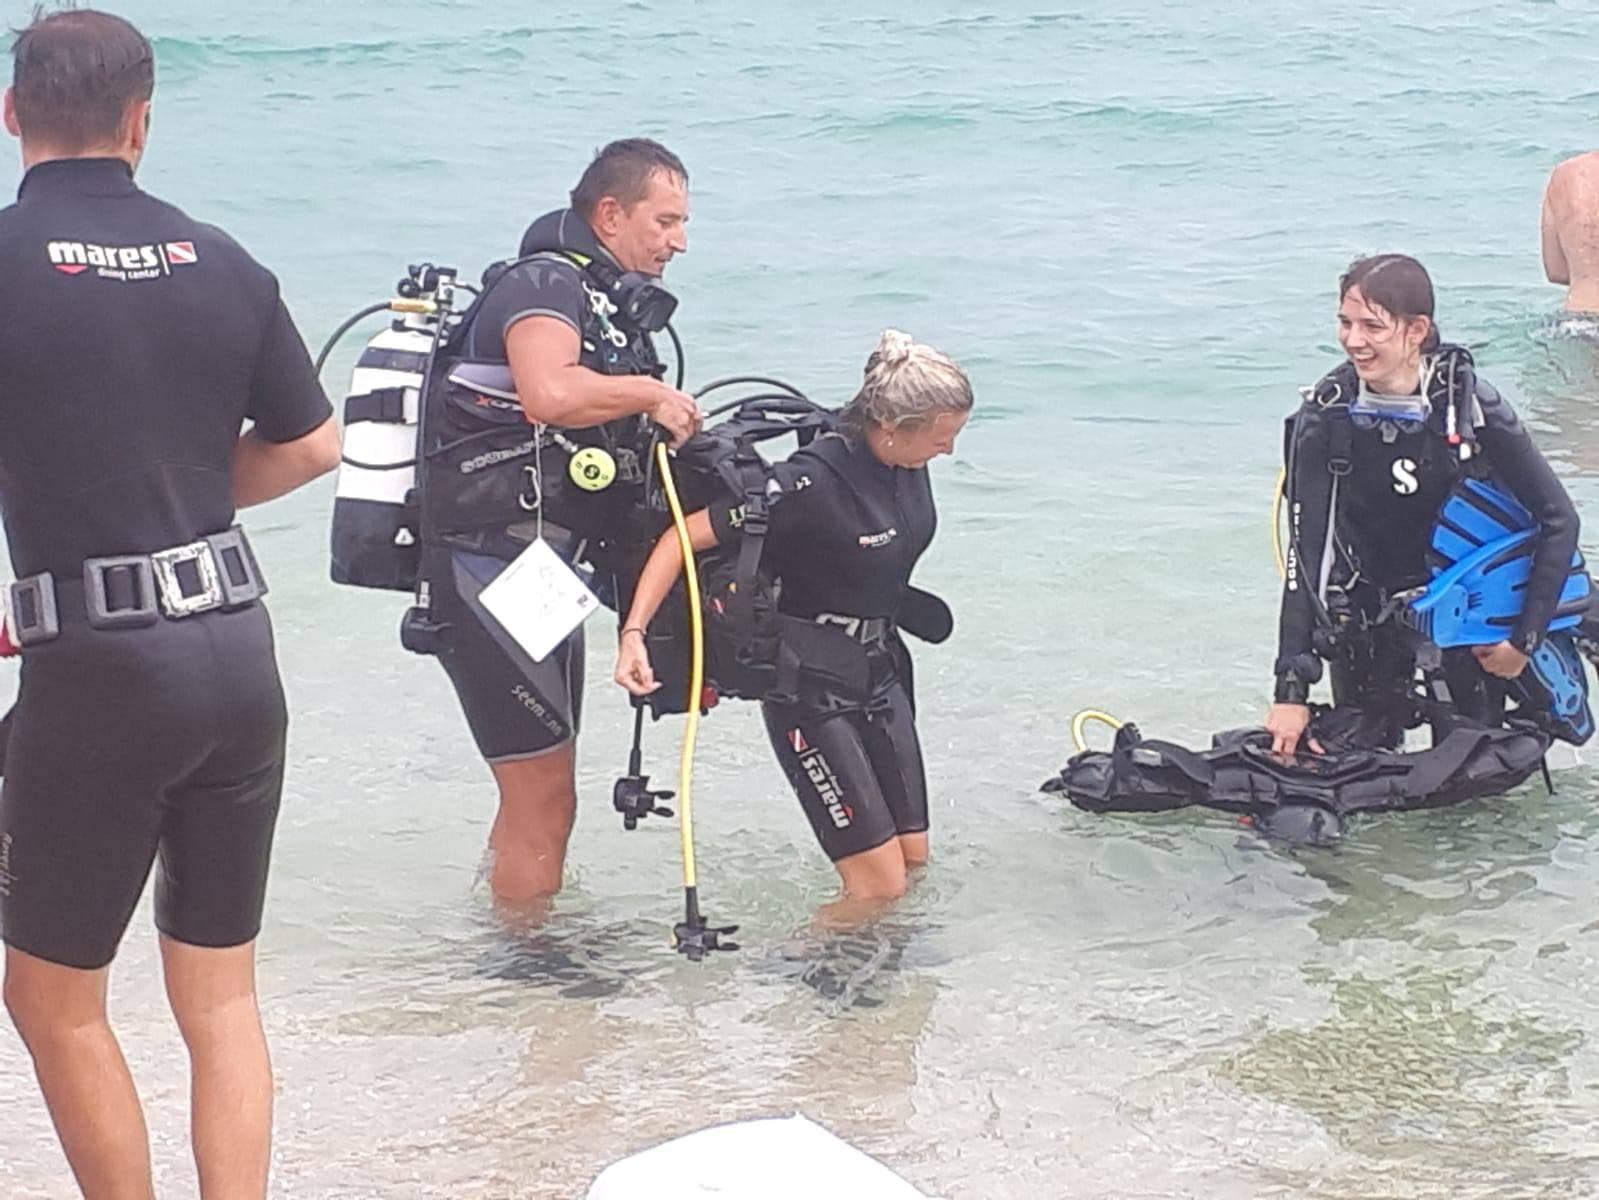 Prosidba na Viru: Sakrio prsten u školjku i kleknuo pod morem